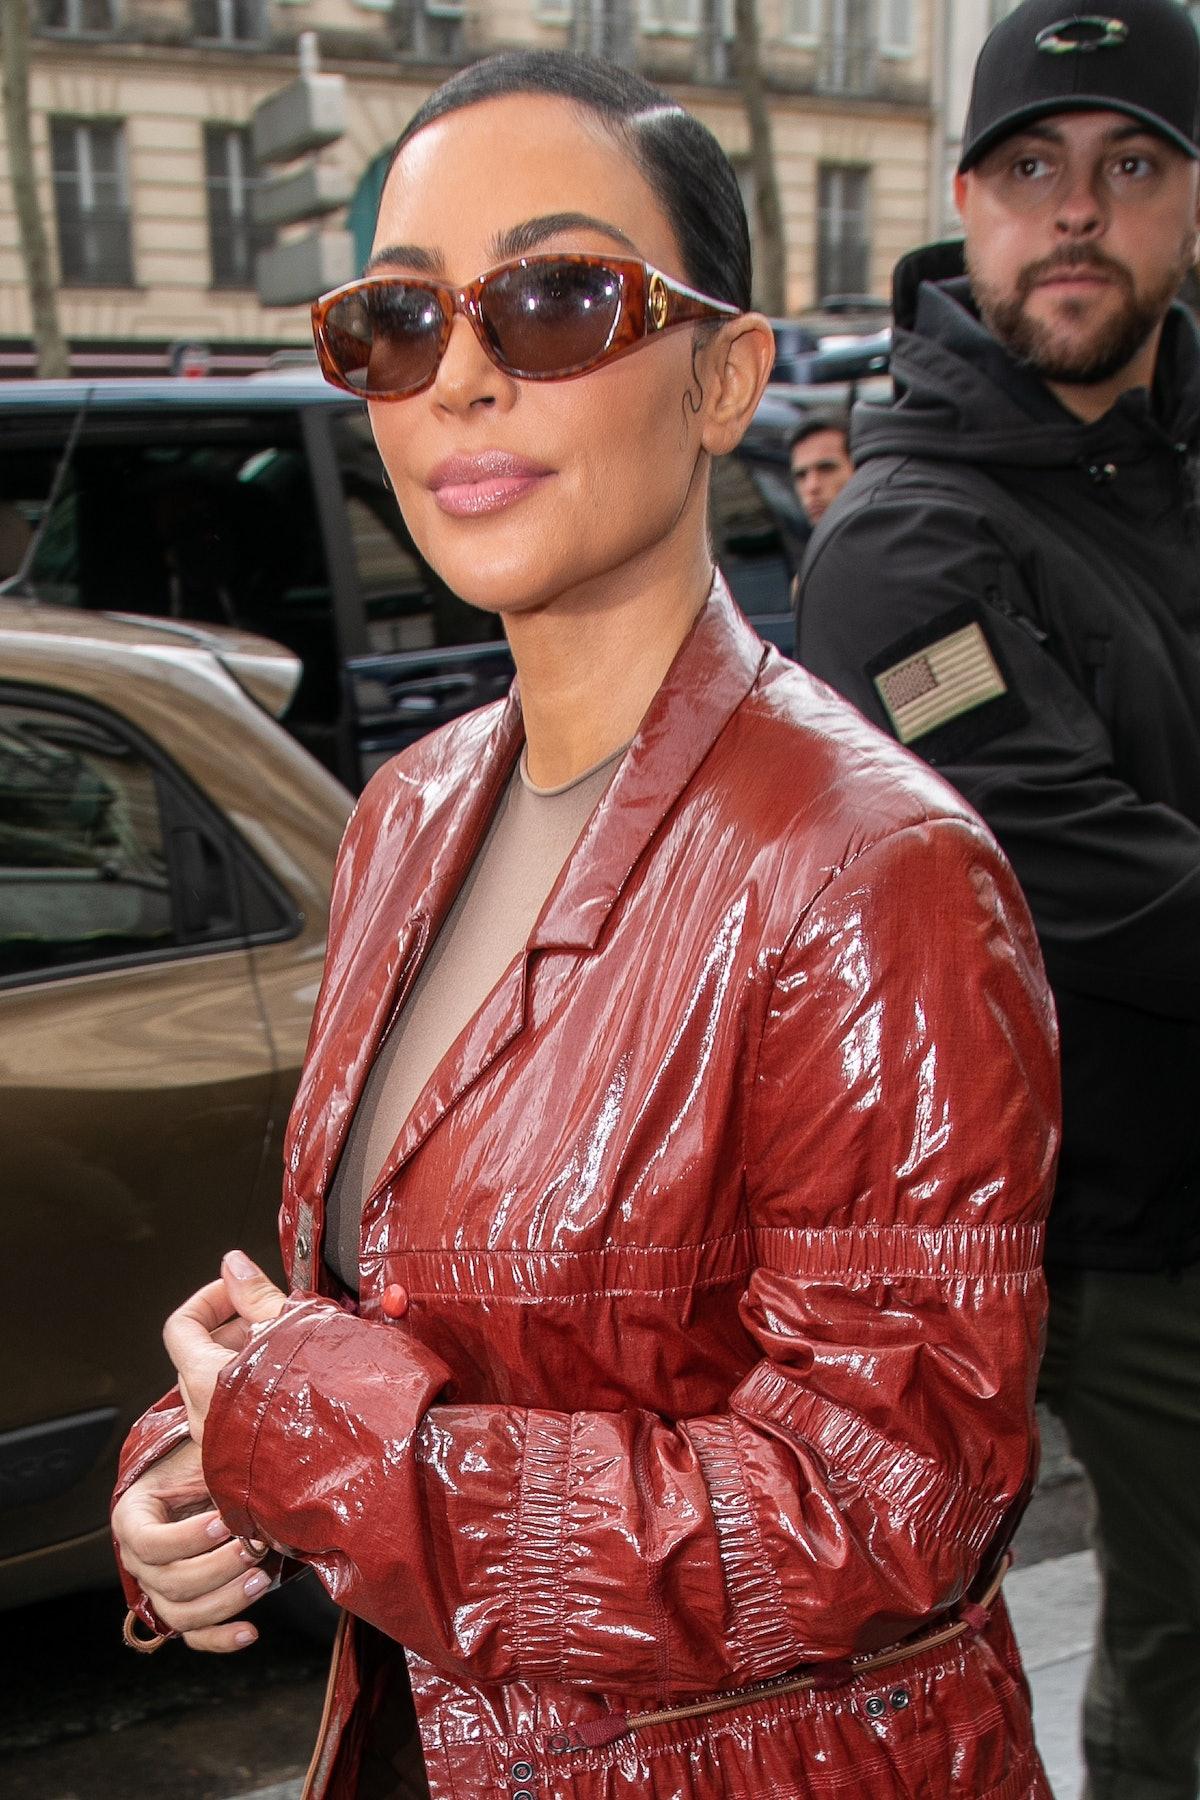 PARIS, FRANCE - MARCH 02: Kim Kardashian West arrives at Cafe de Flore restaurant on March 02, 2020 in Paris, France. (Photo by Marc Piasecki/GC Images)